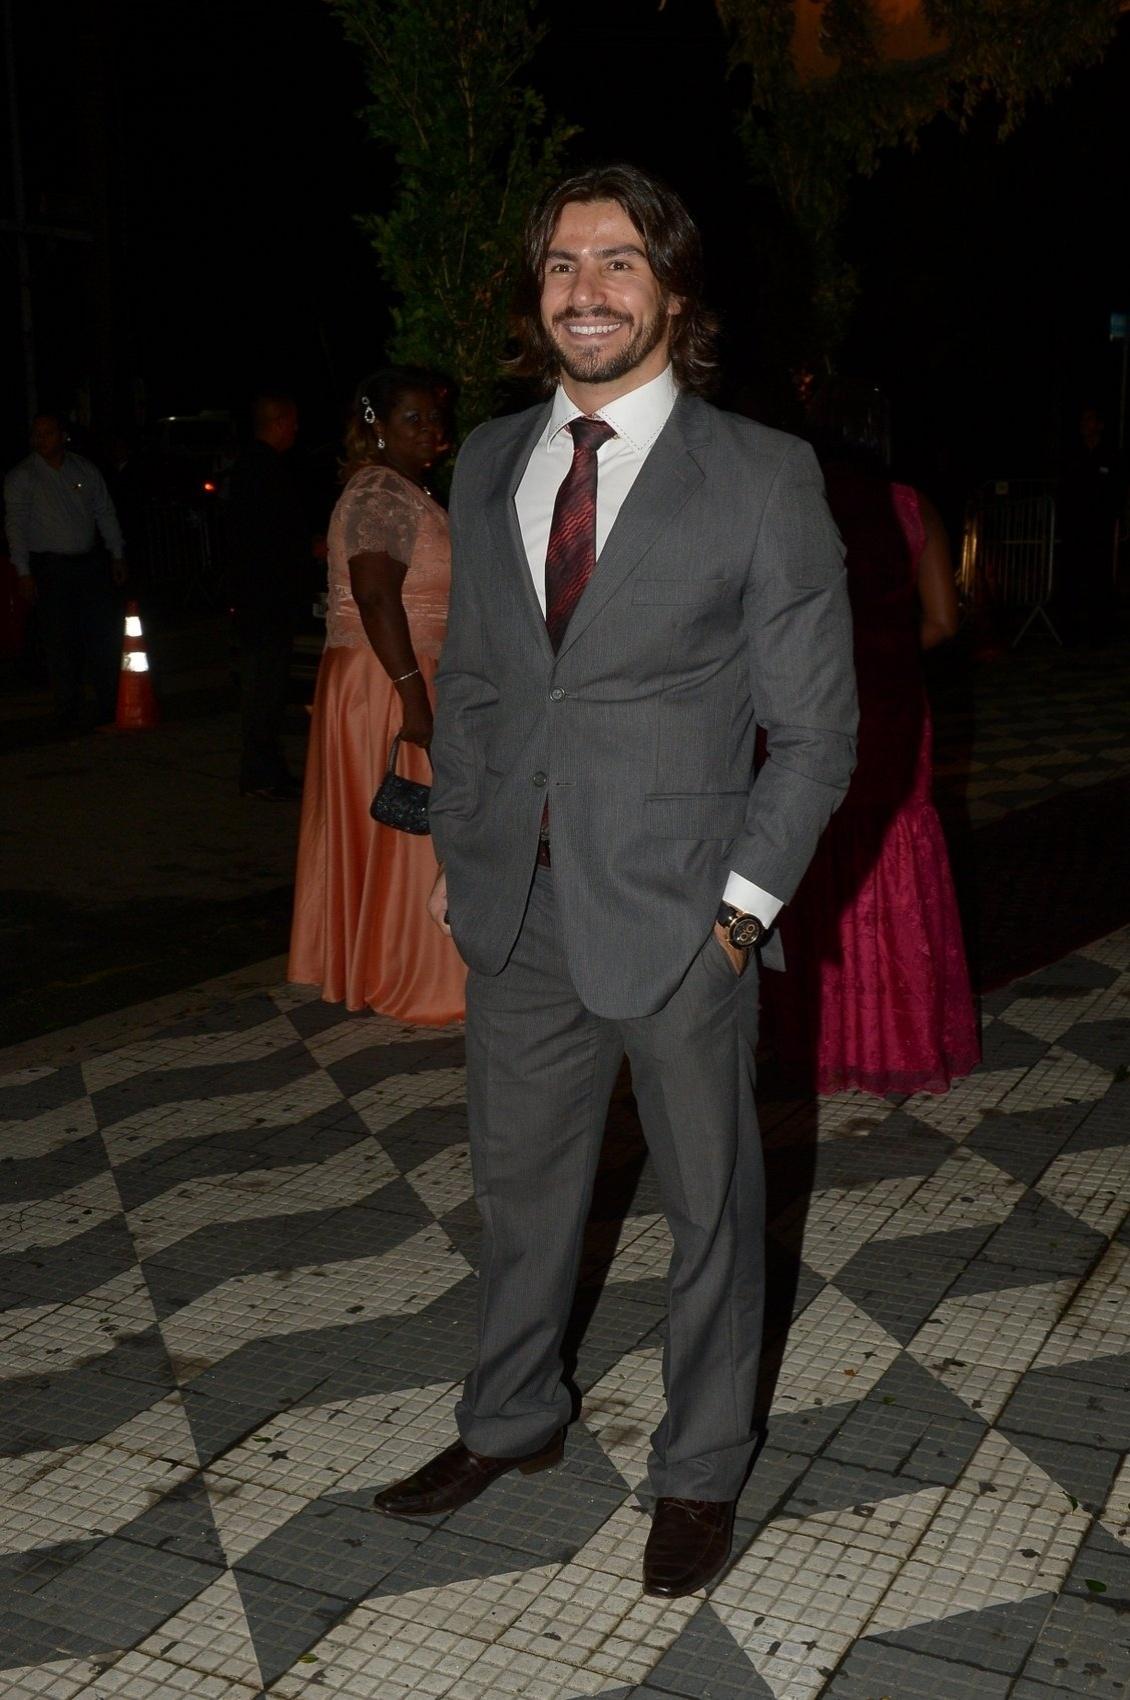 24.fev.2015 - Mariano, da dupla sertaneja Munhoz e Mariano, chega para o casamento de Thiaguinho e Fernanda Souza